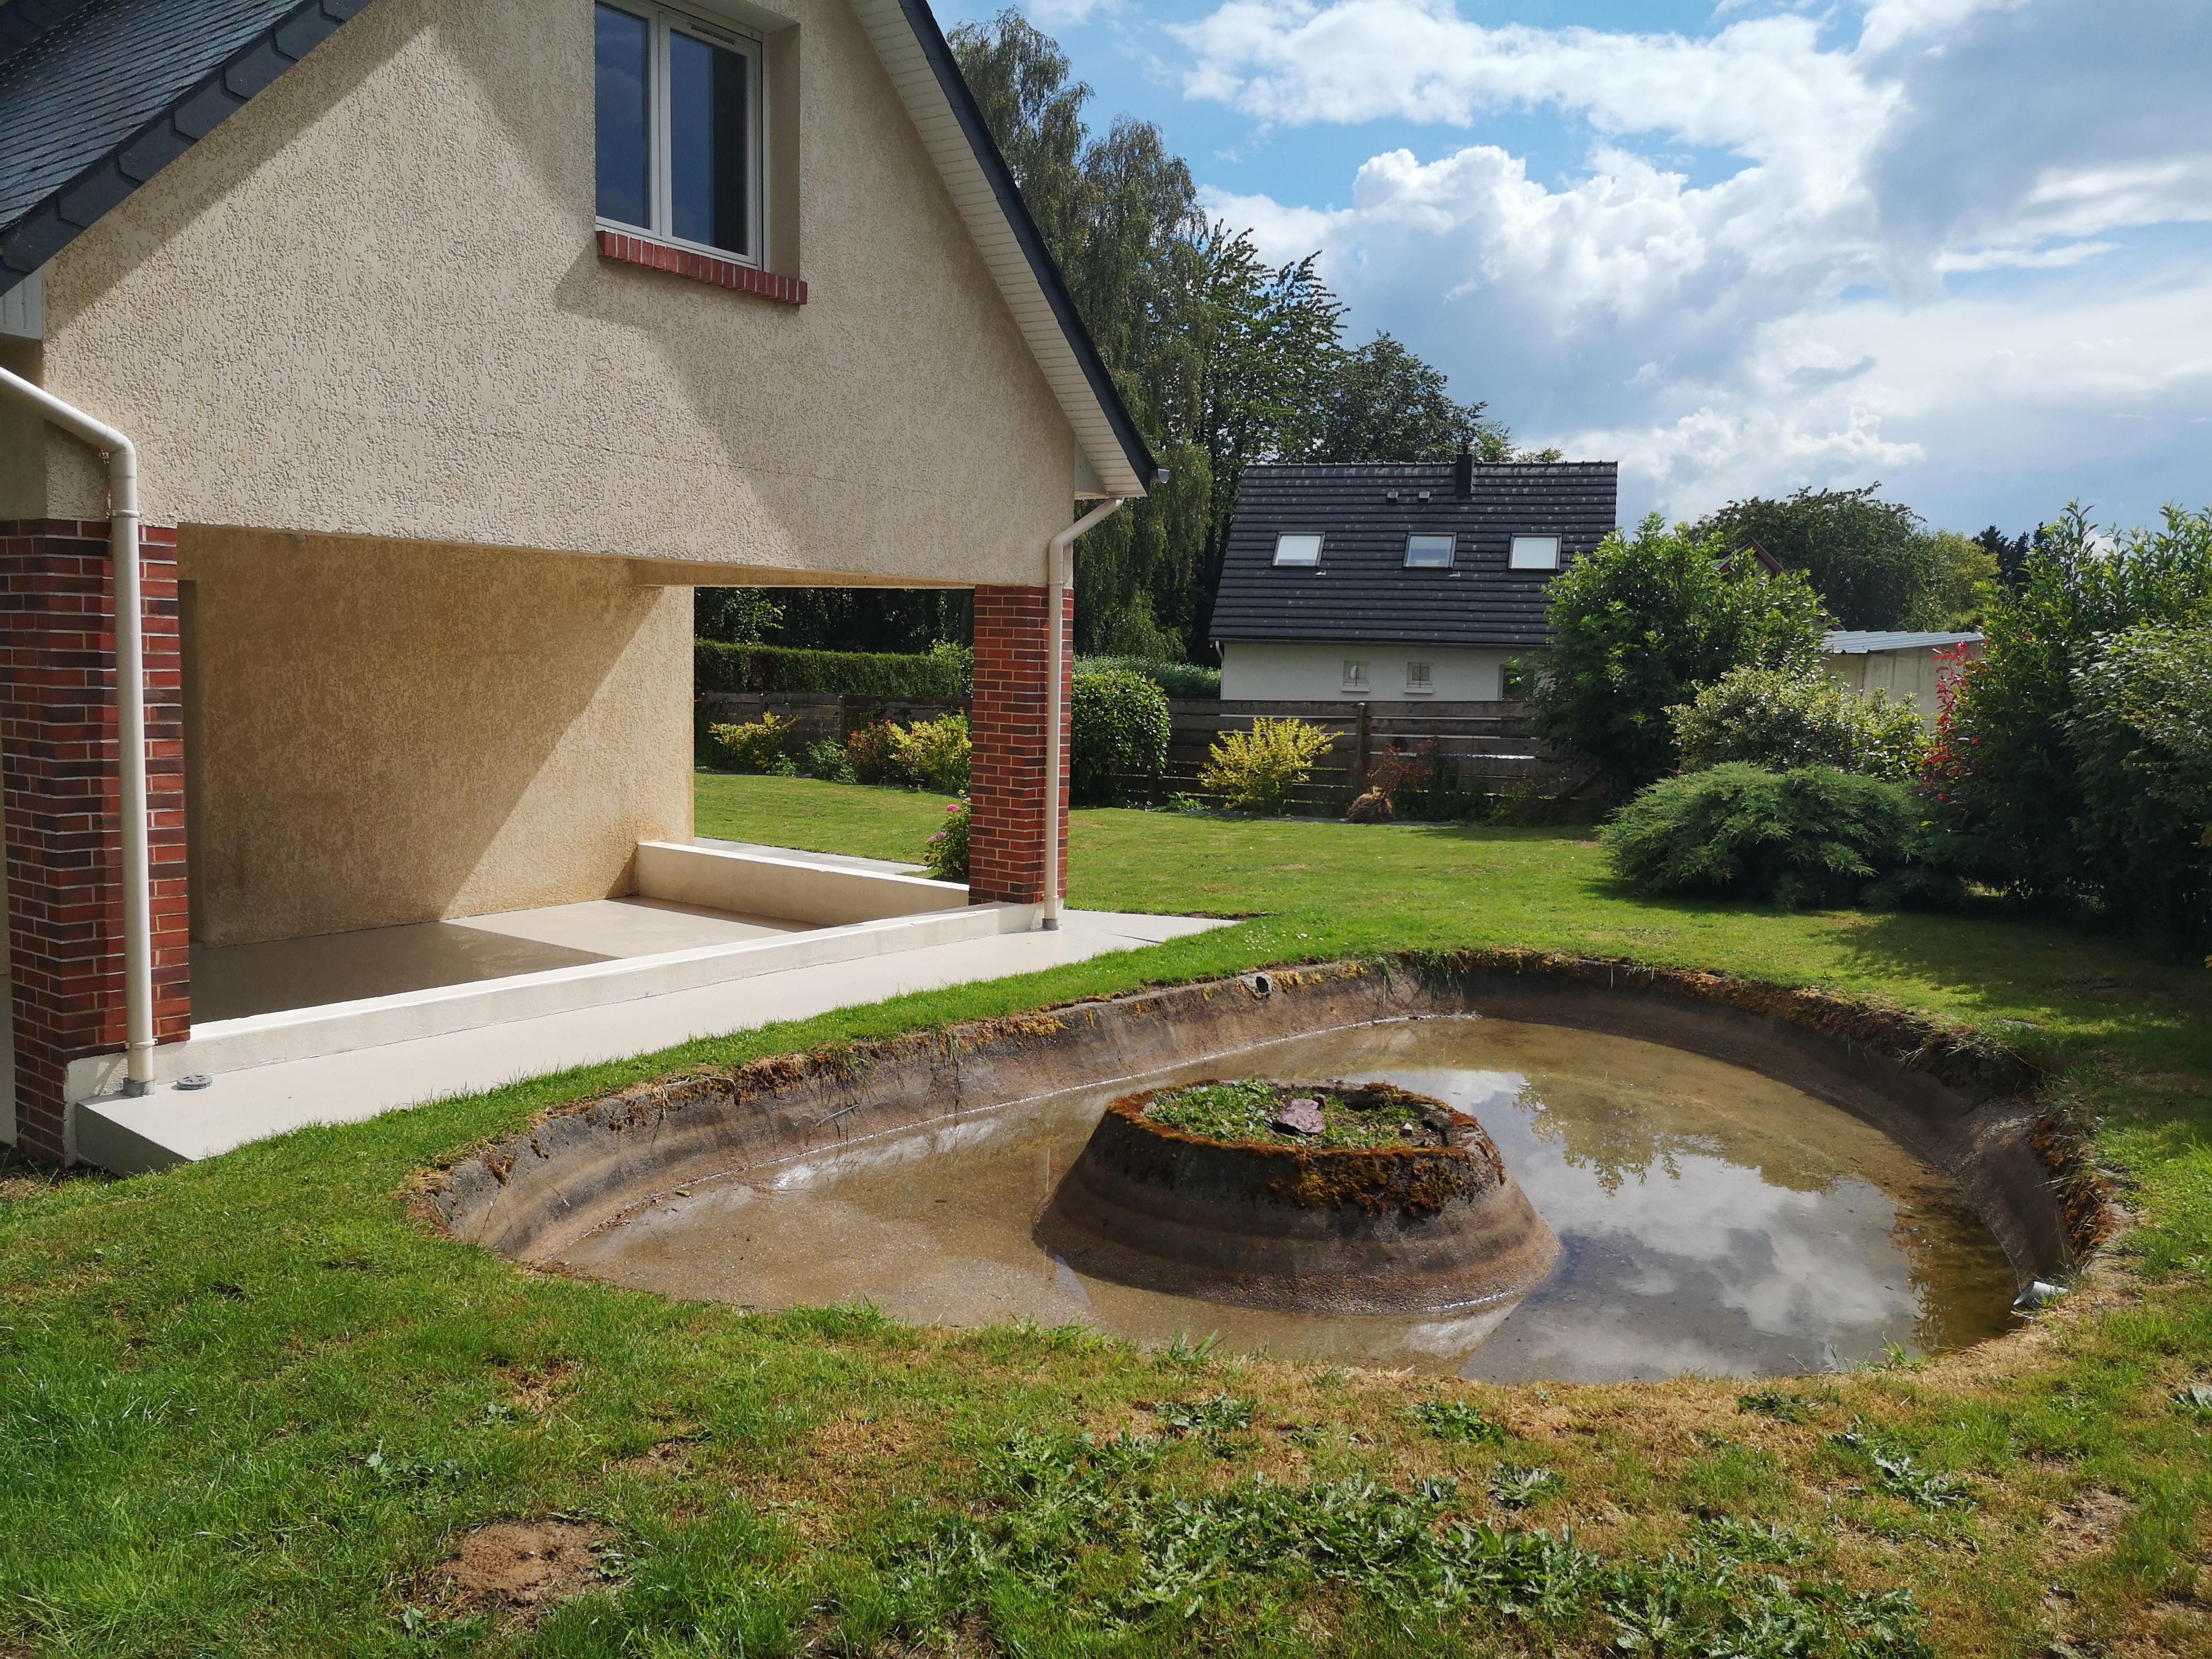 vente Maison contemporaine 121m² avec jardin arboré